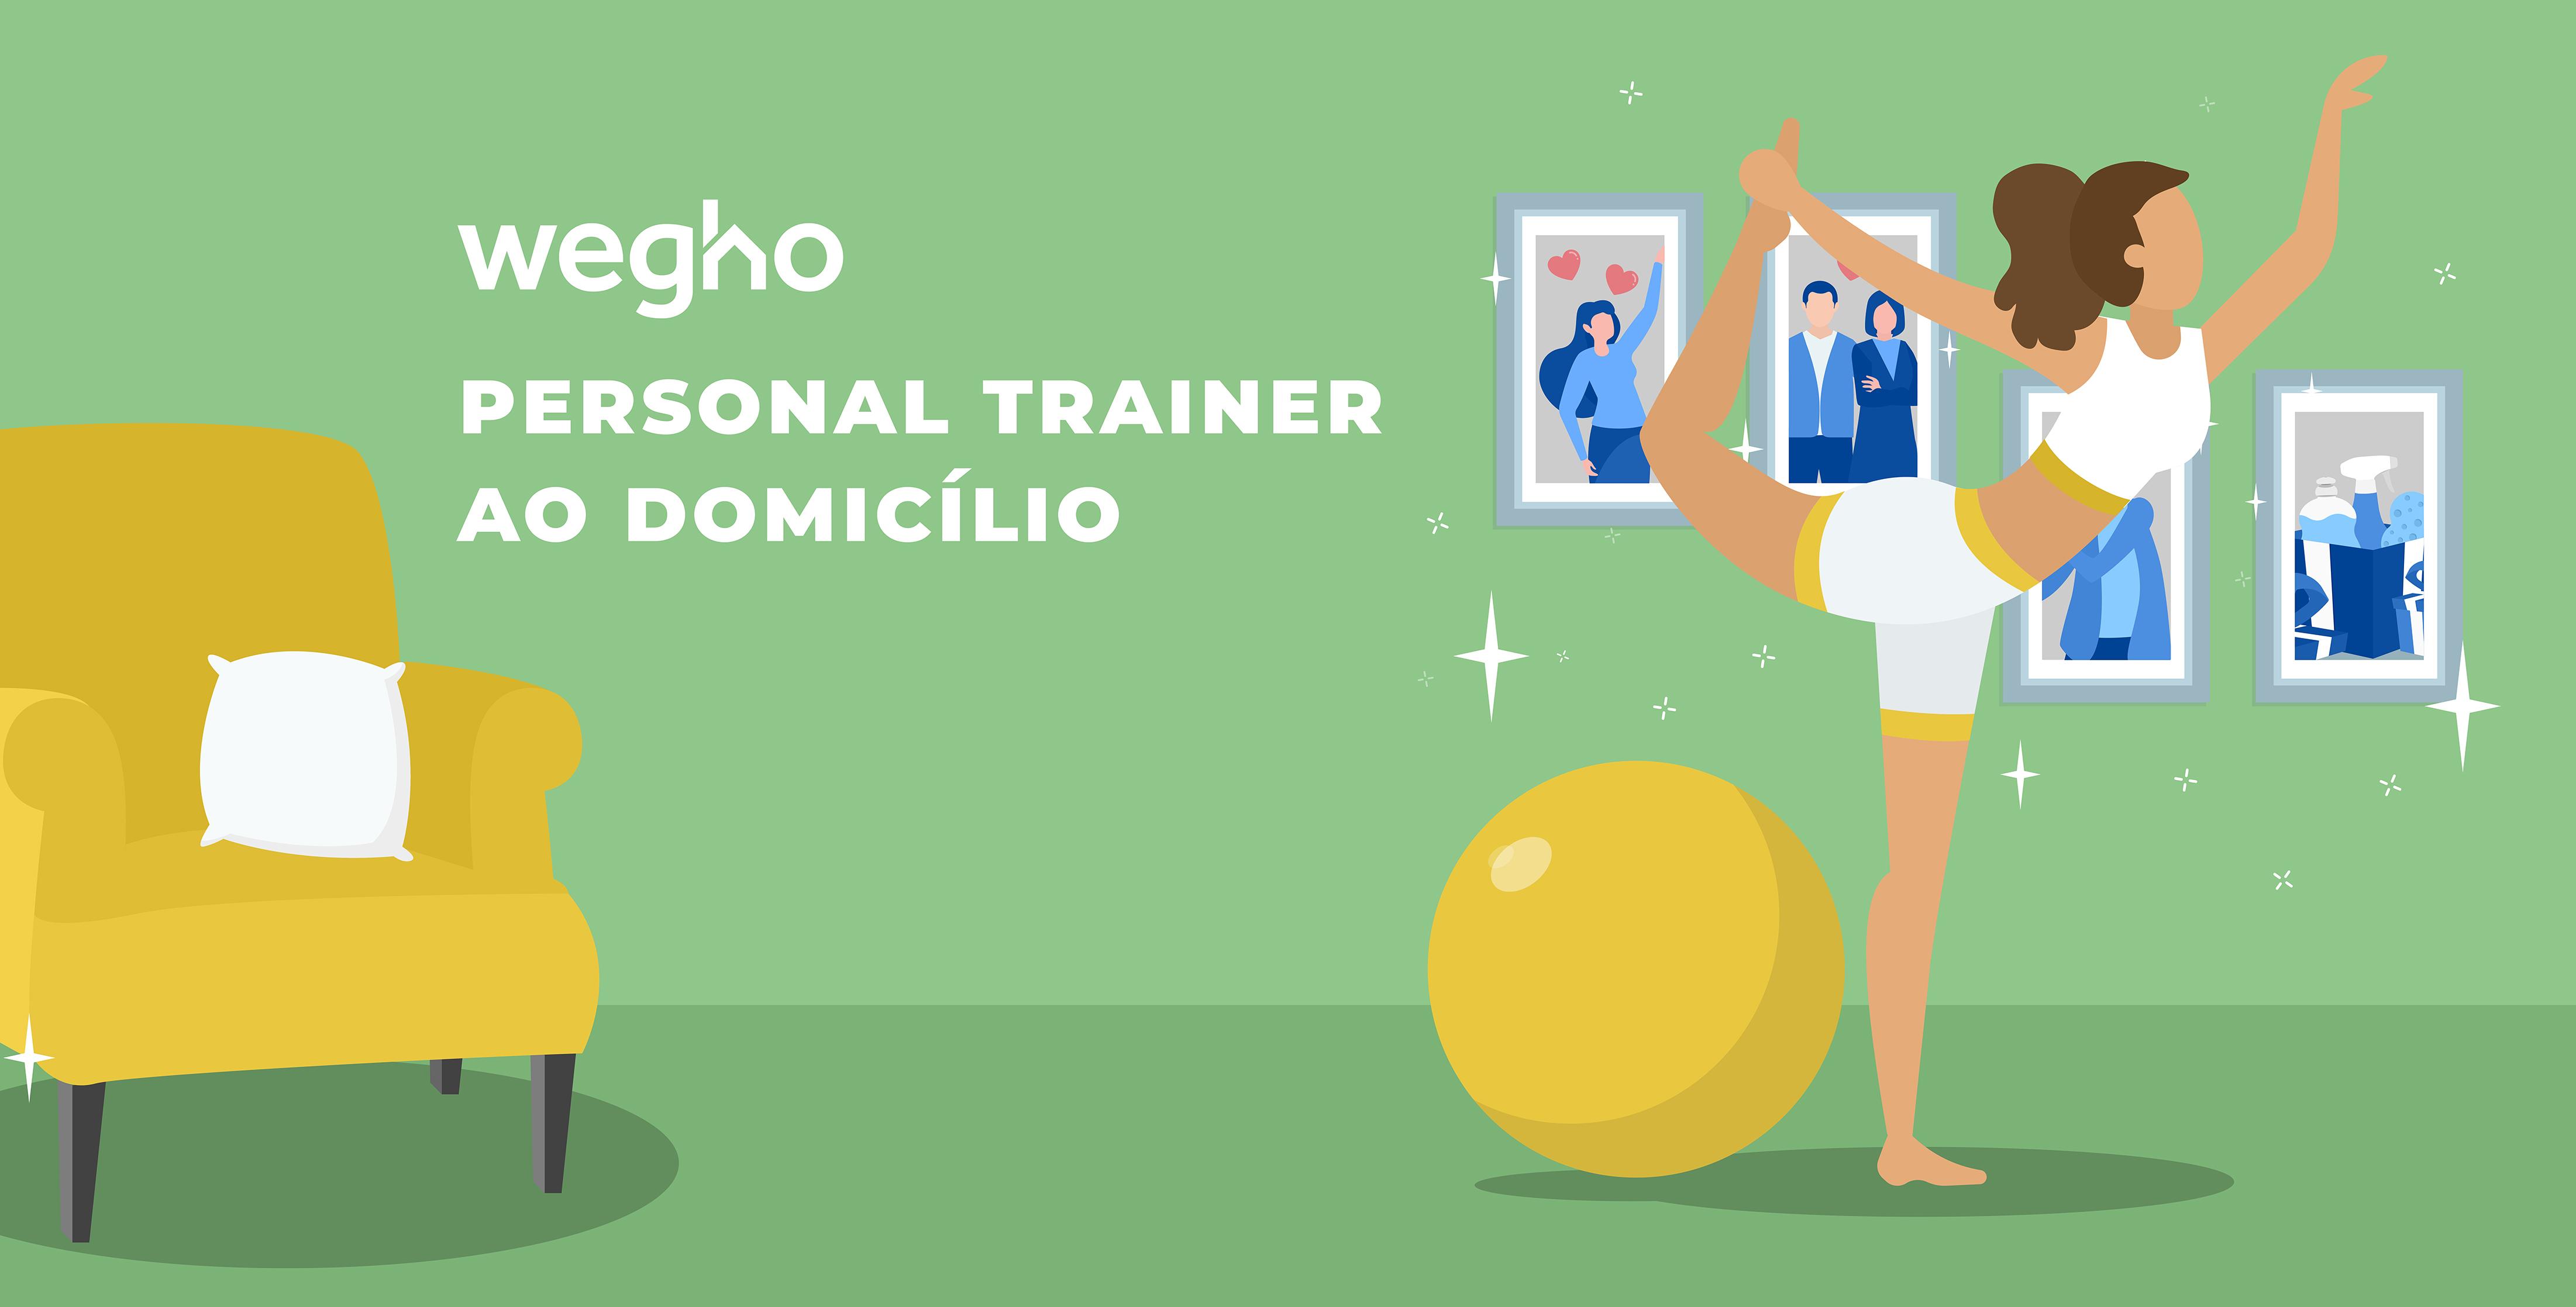 Personal trainer ao domicílio: quais as vantagens?